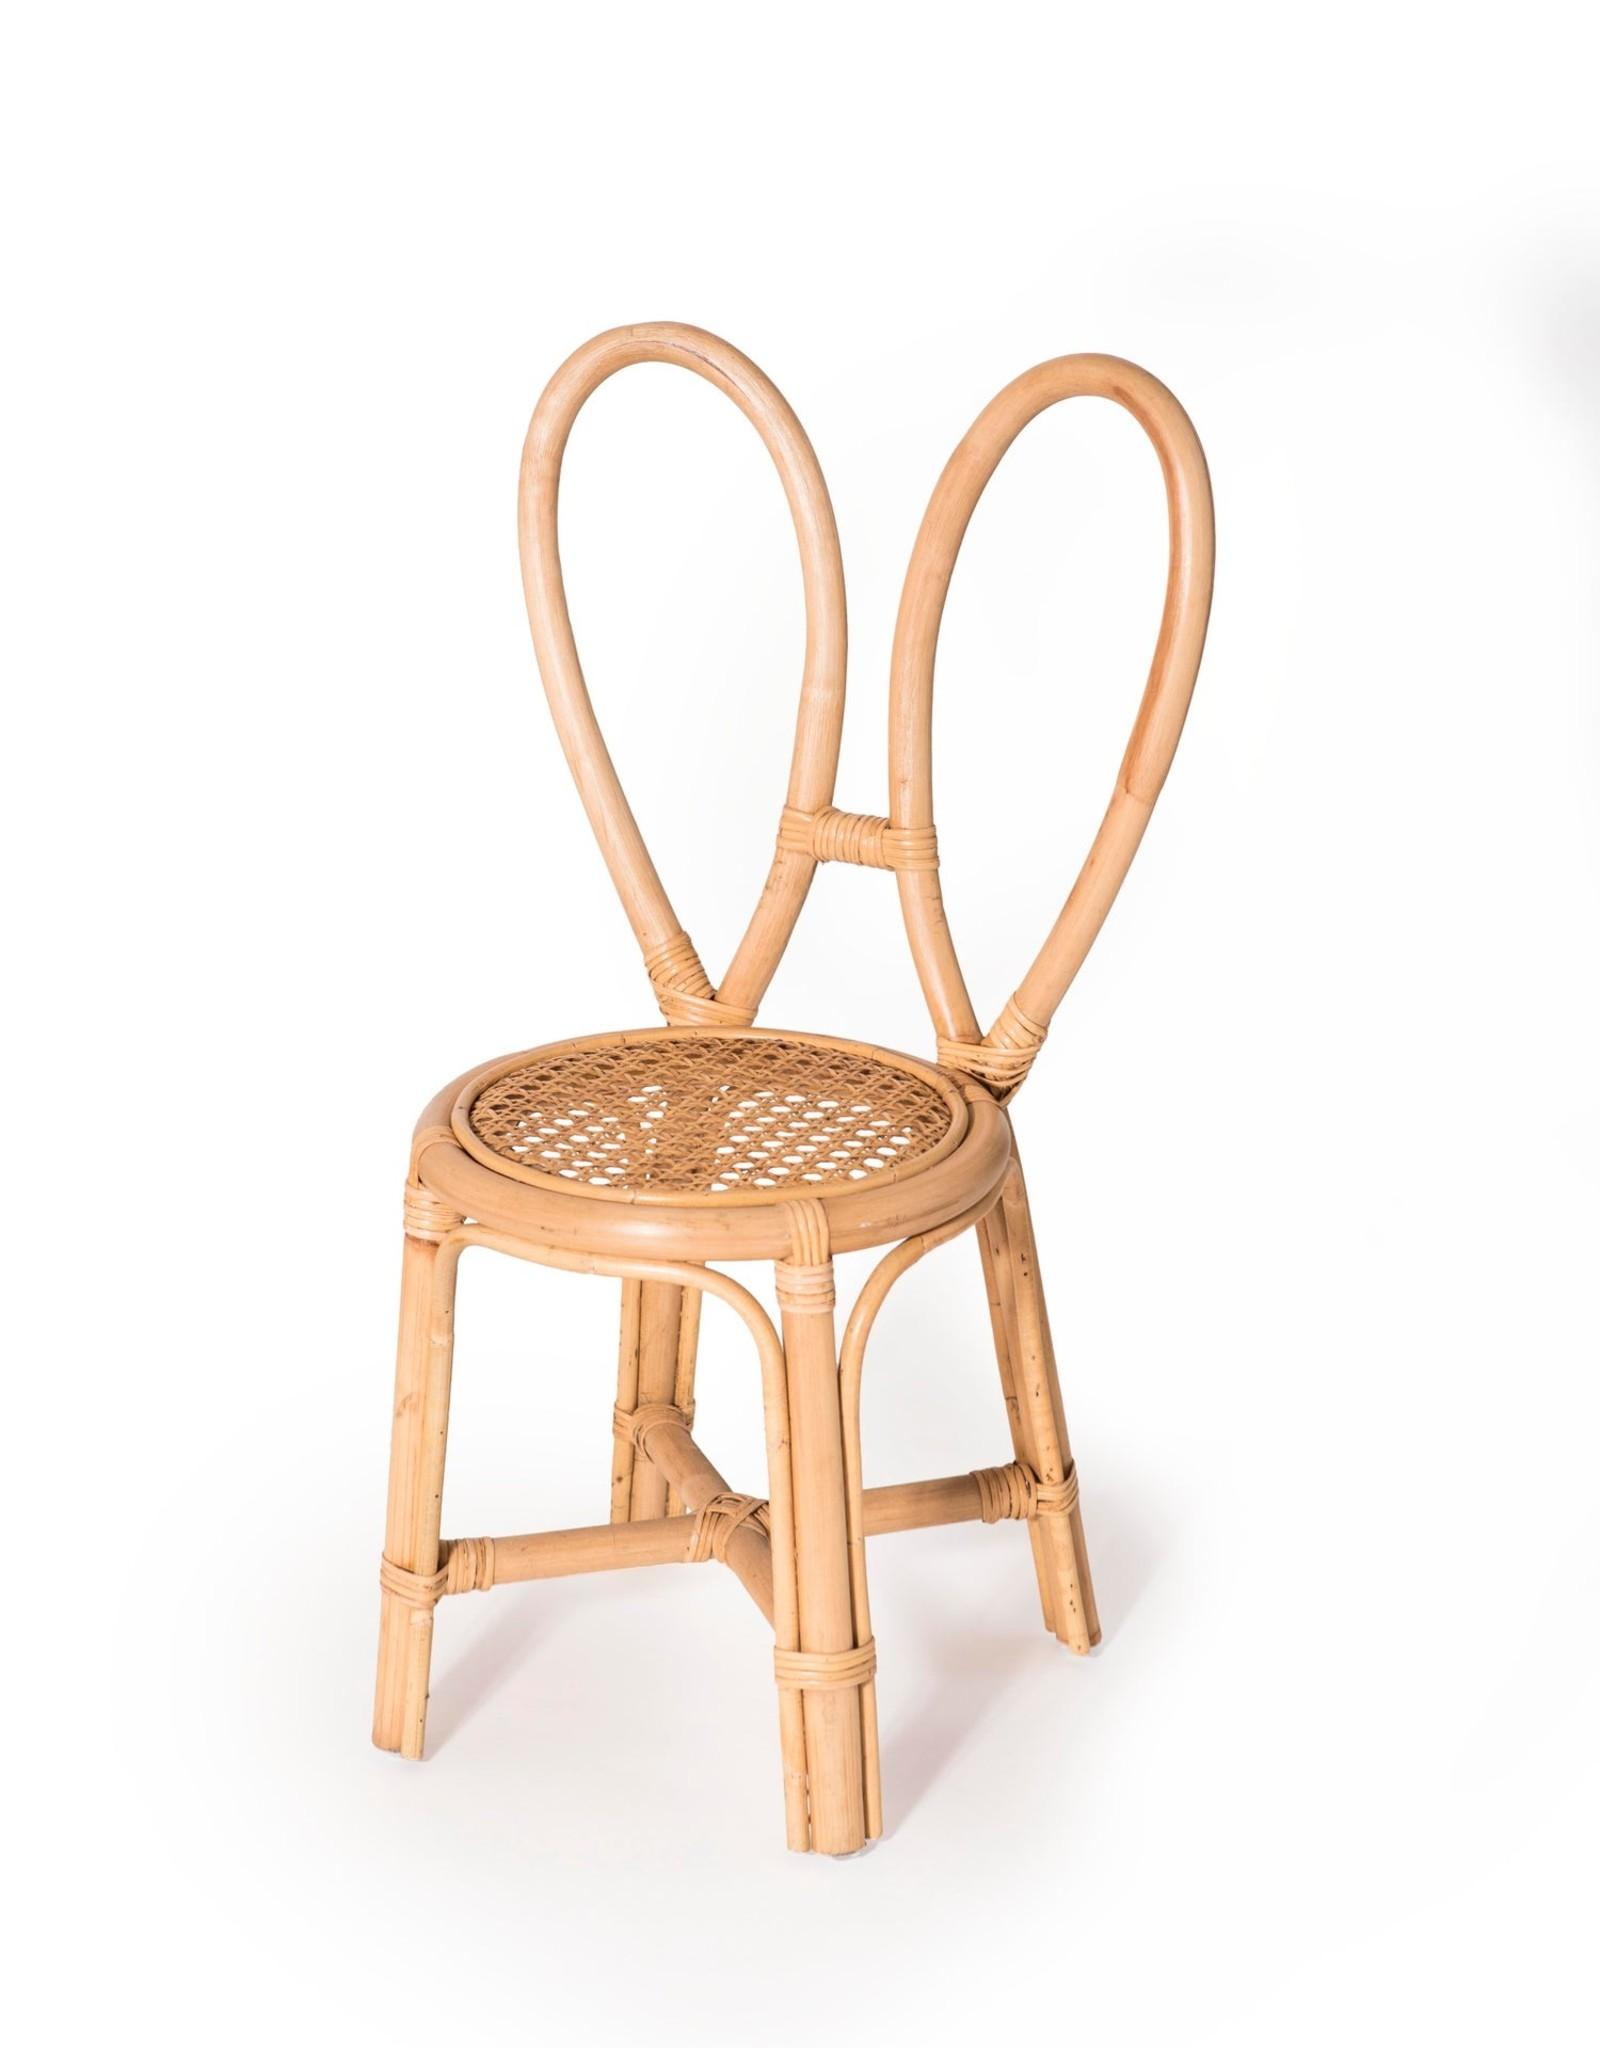 poppie toys Poppie Bunny Chair